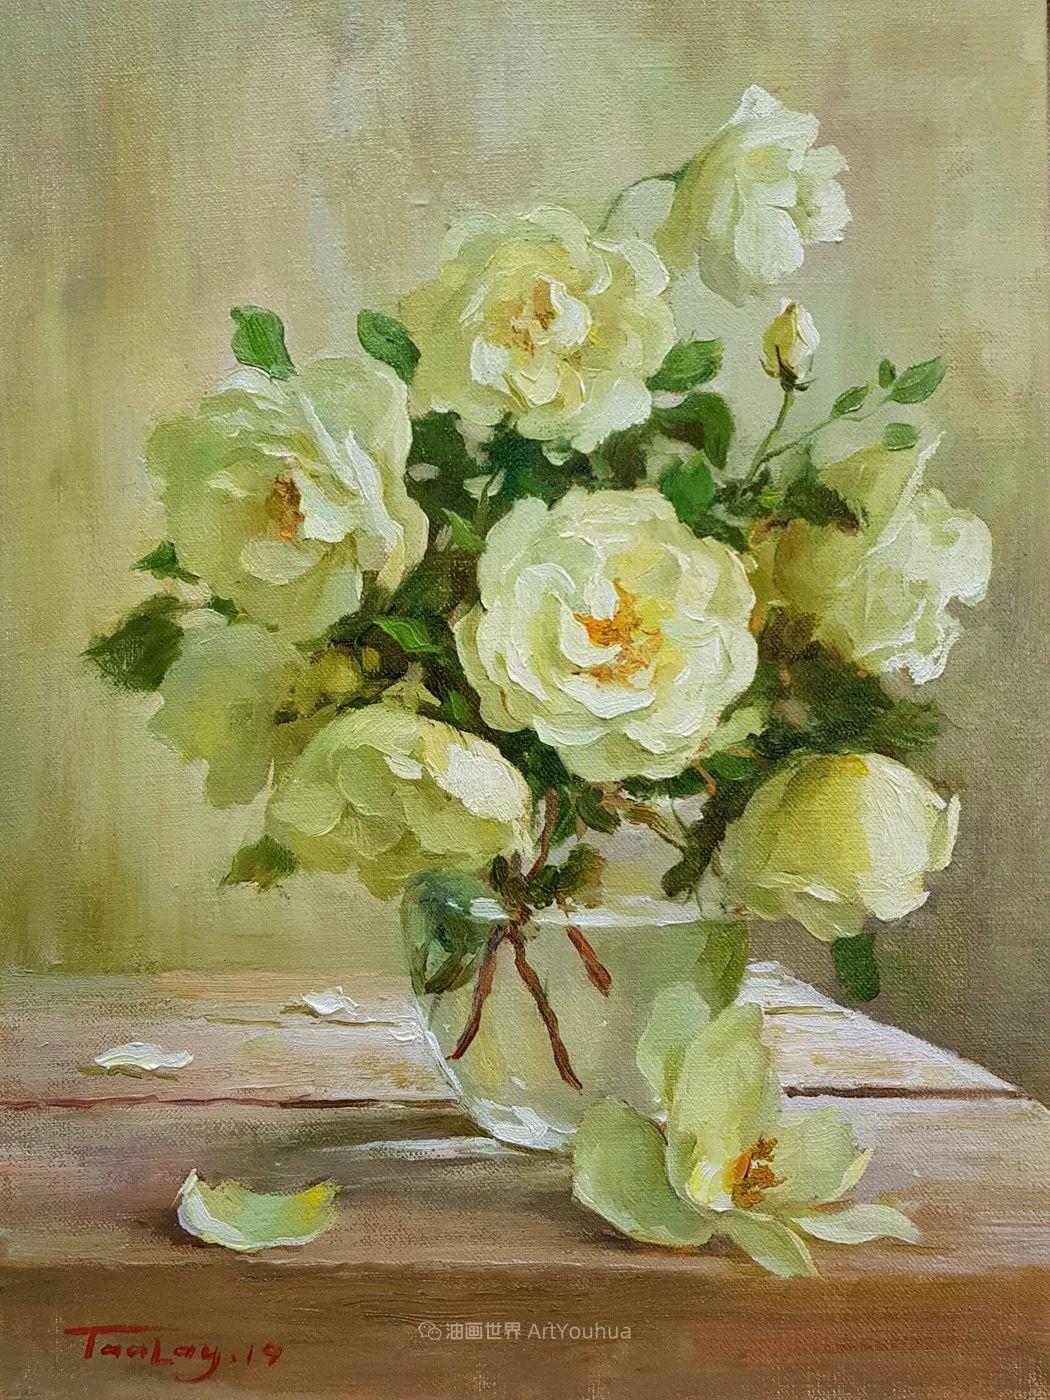 他的花儿如此生动和明亮,充满了光和微妙的东方哲学!插图49